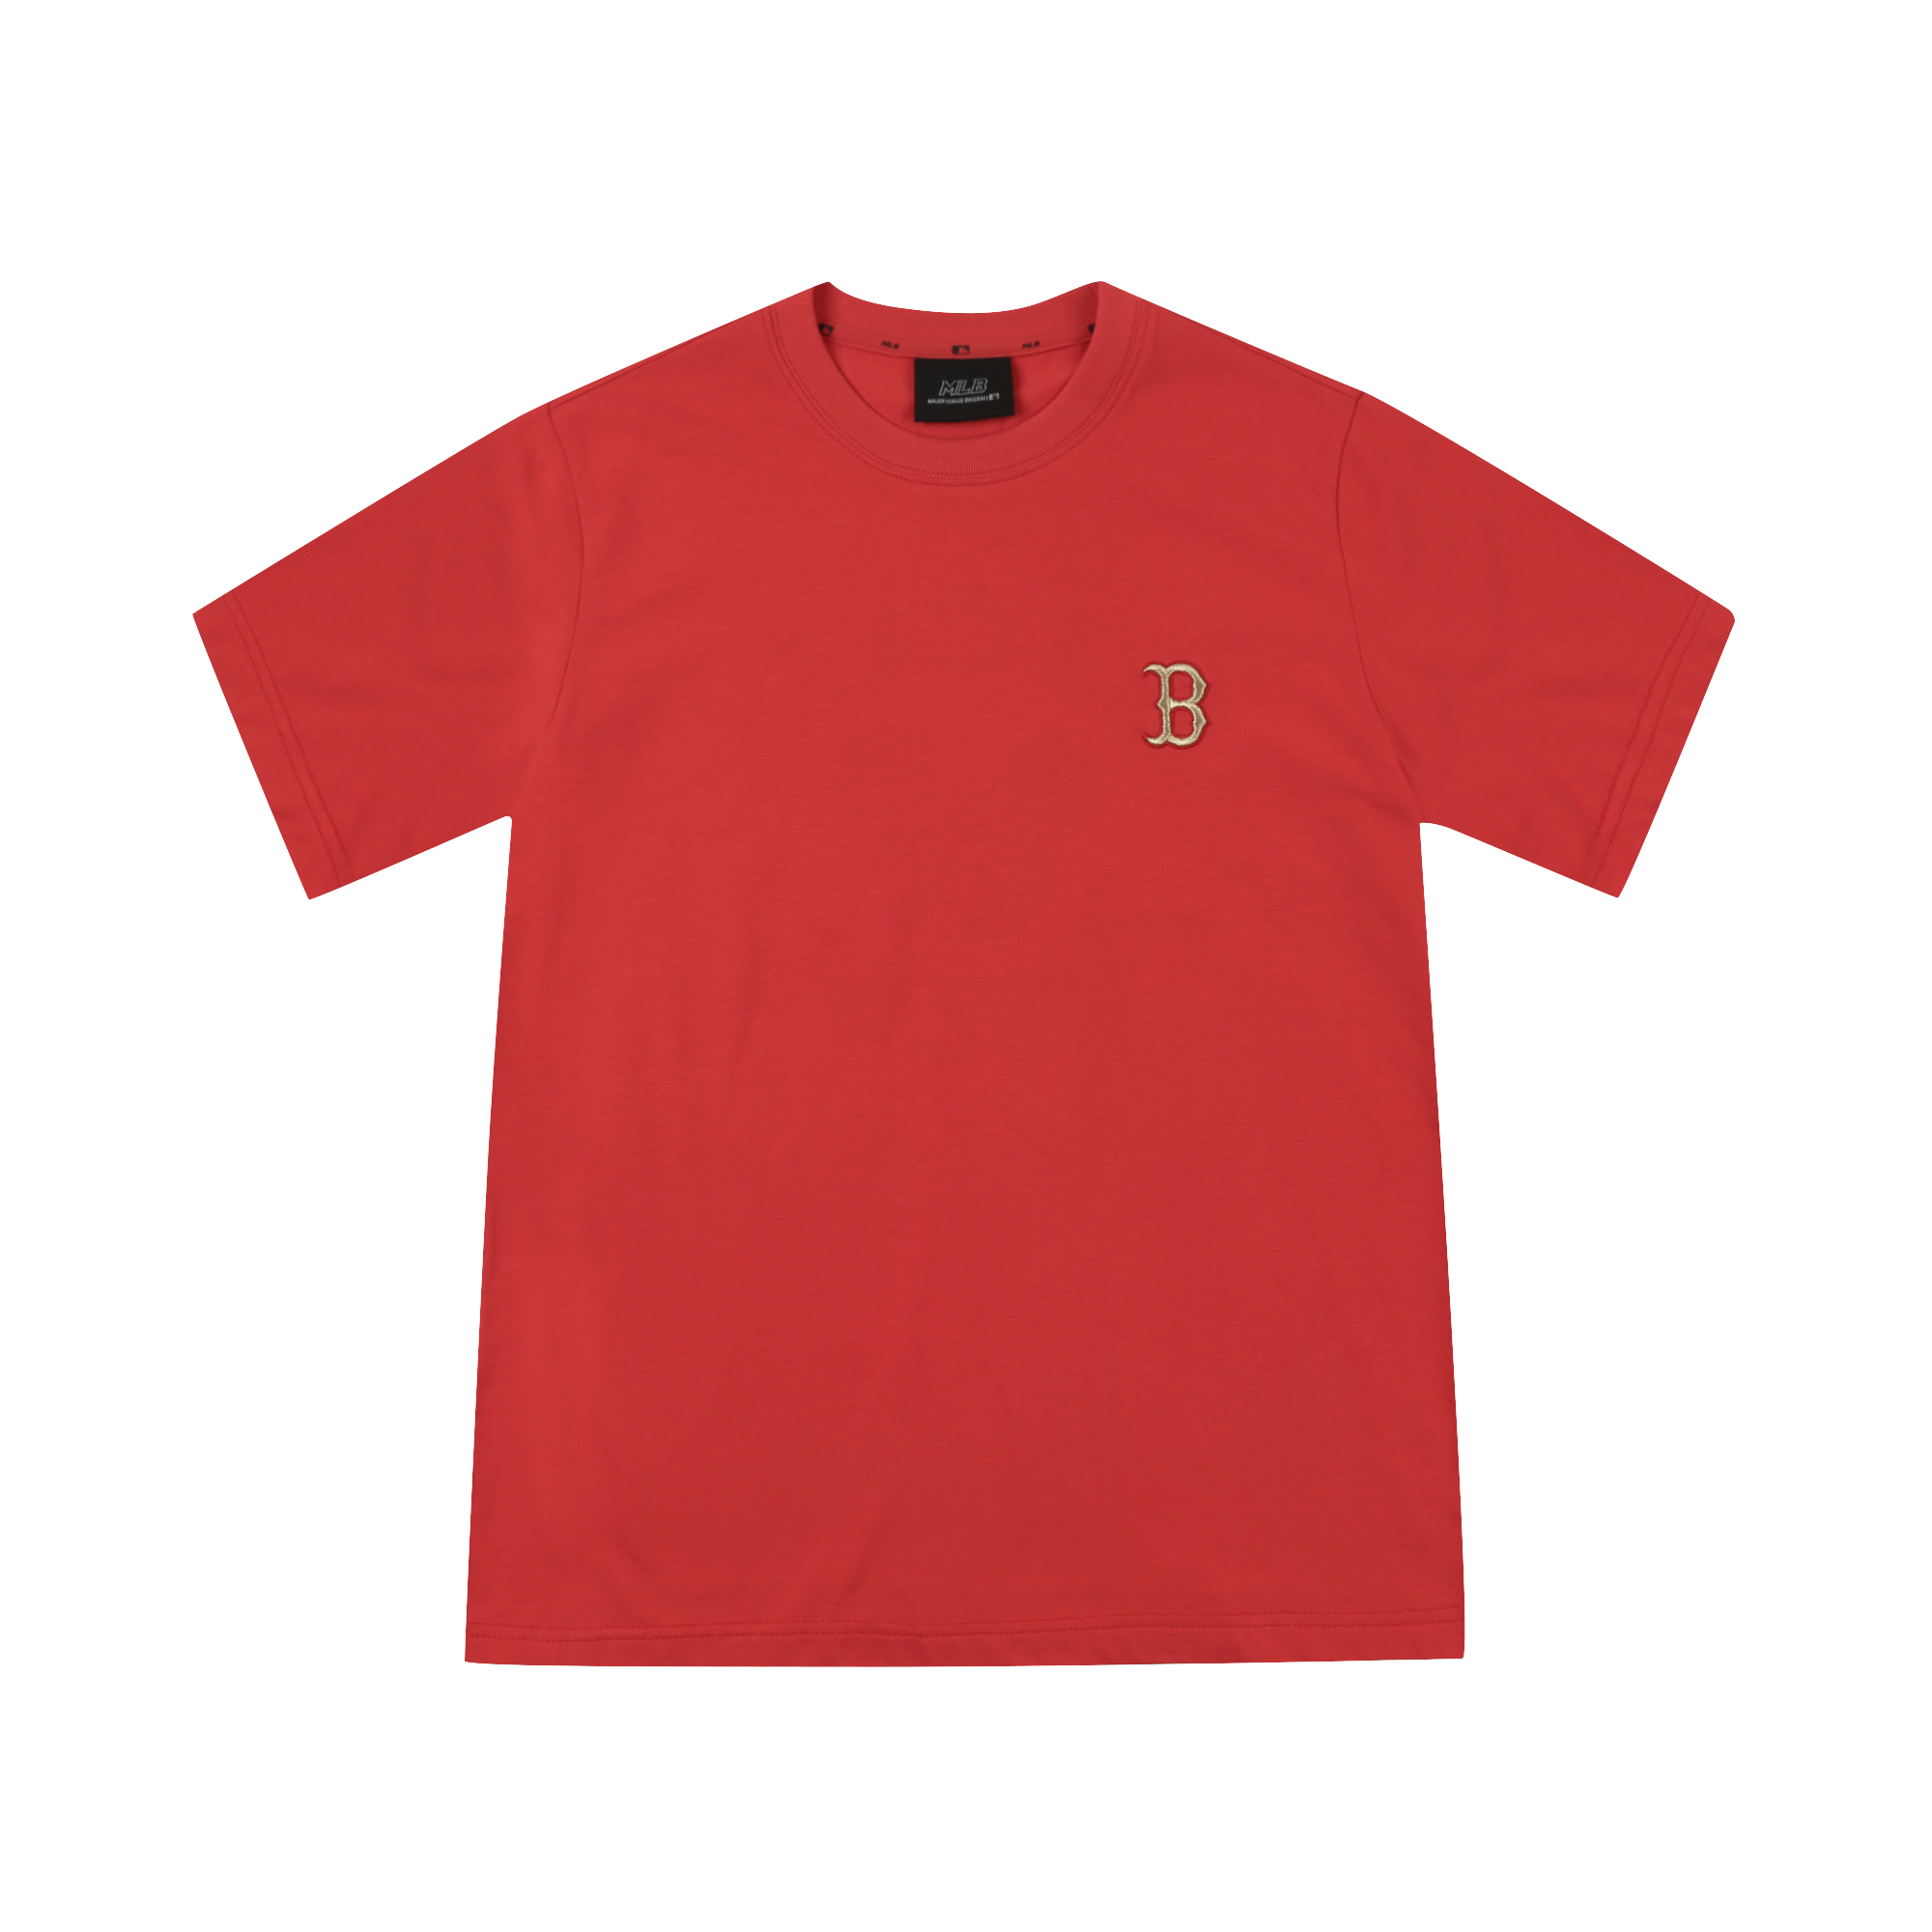 [해외전용] MLB X MICKEY MOUSE 3CIRCLE 반팔 티셔츠 보스턴 레드삭스